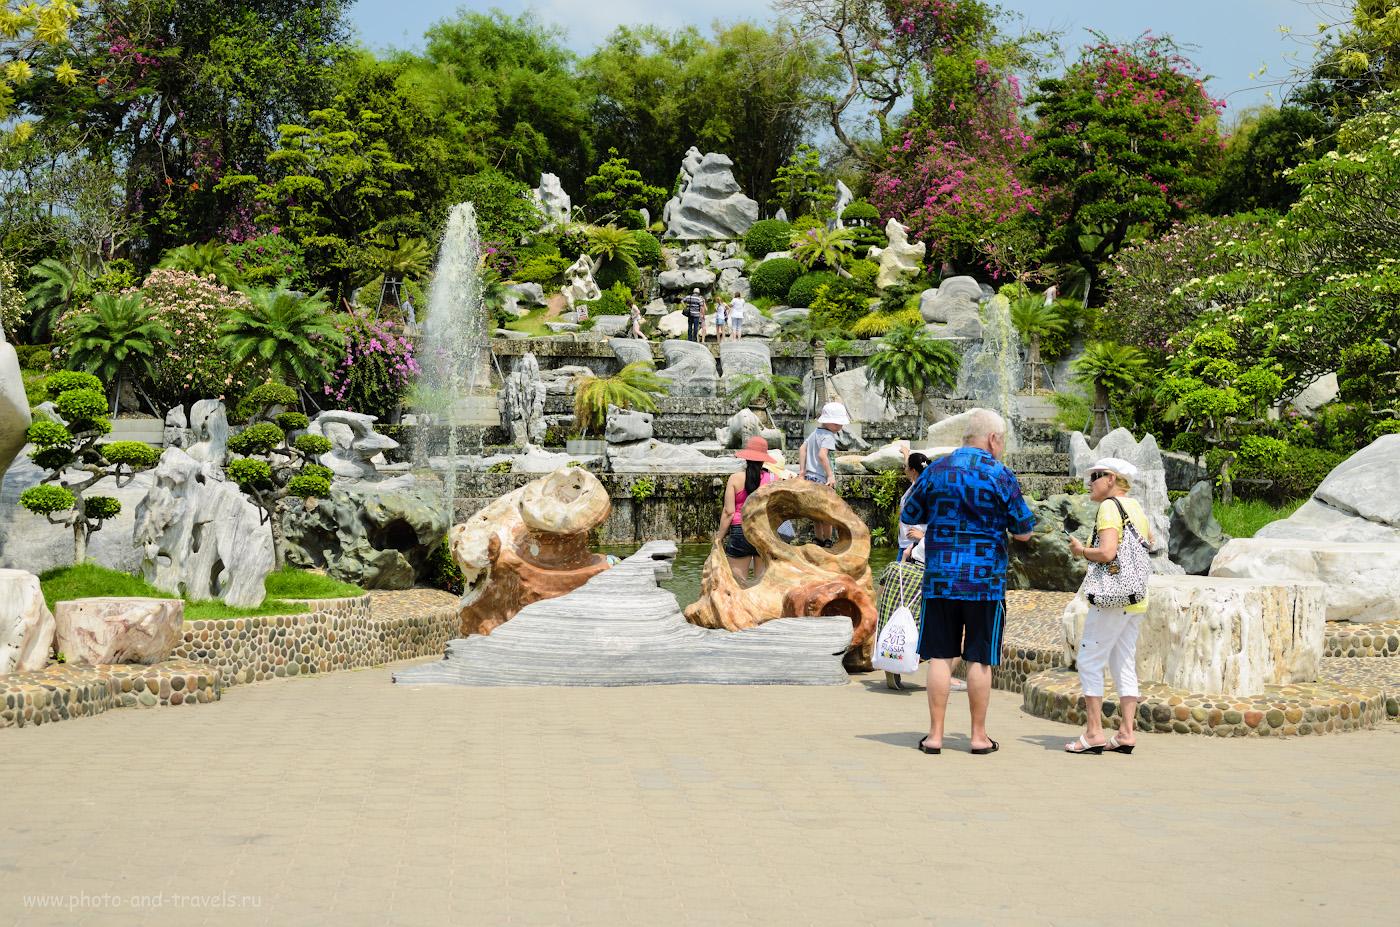 Фото 4. Одно из самых красивых мест в Парке Миллионлетних камней - фонтаны. Здесь можно покормить рыбок. Отзывы об экскурсиях в Паттайе во время отдыха в Таиланде. 1/500, 3.5, 100, 38.